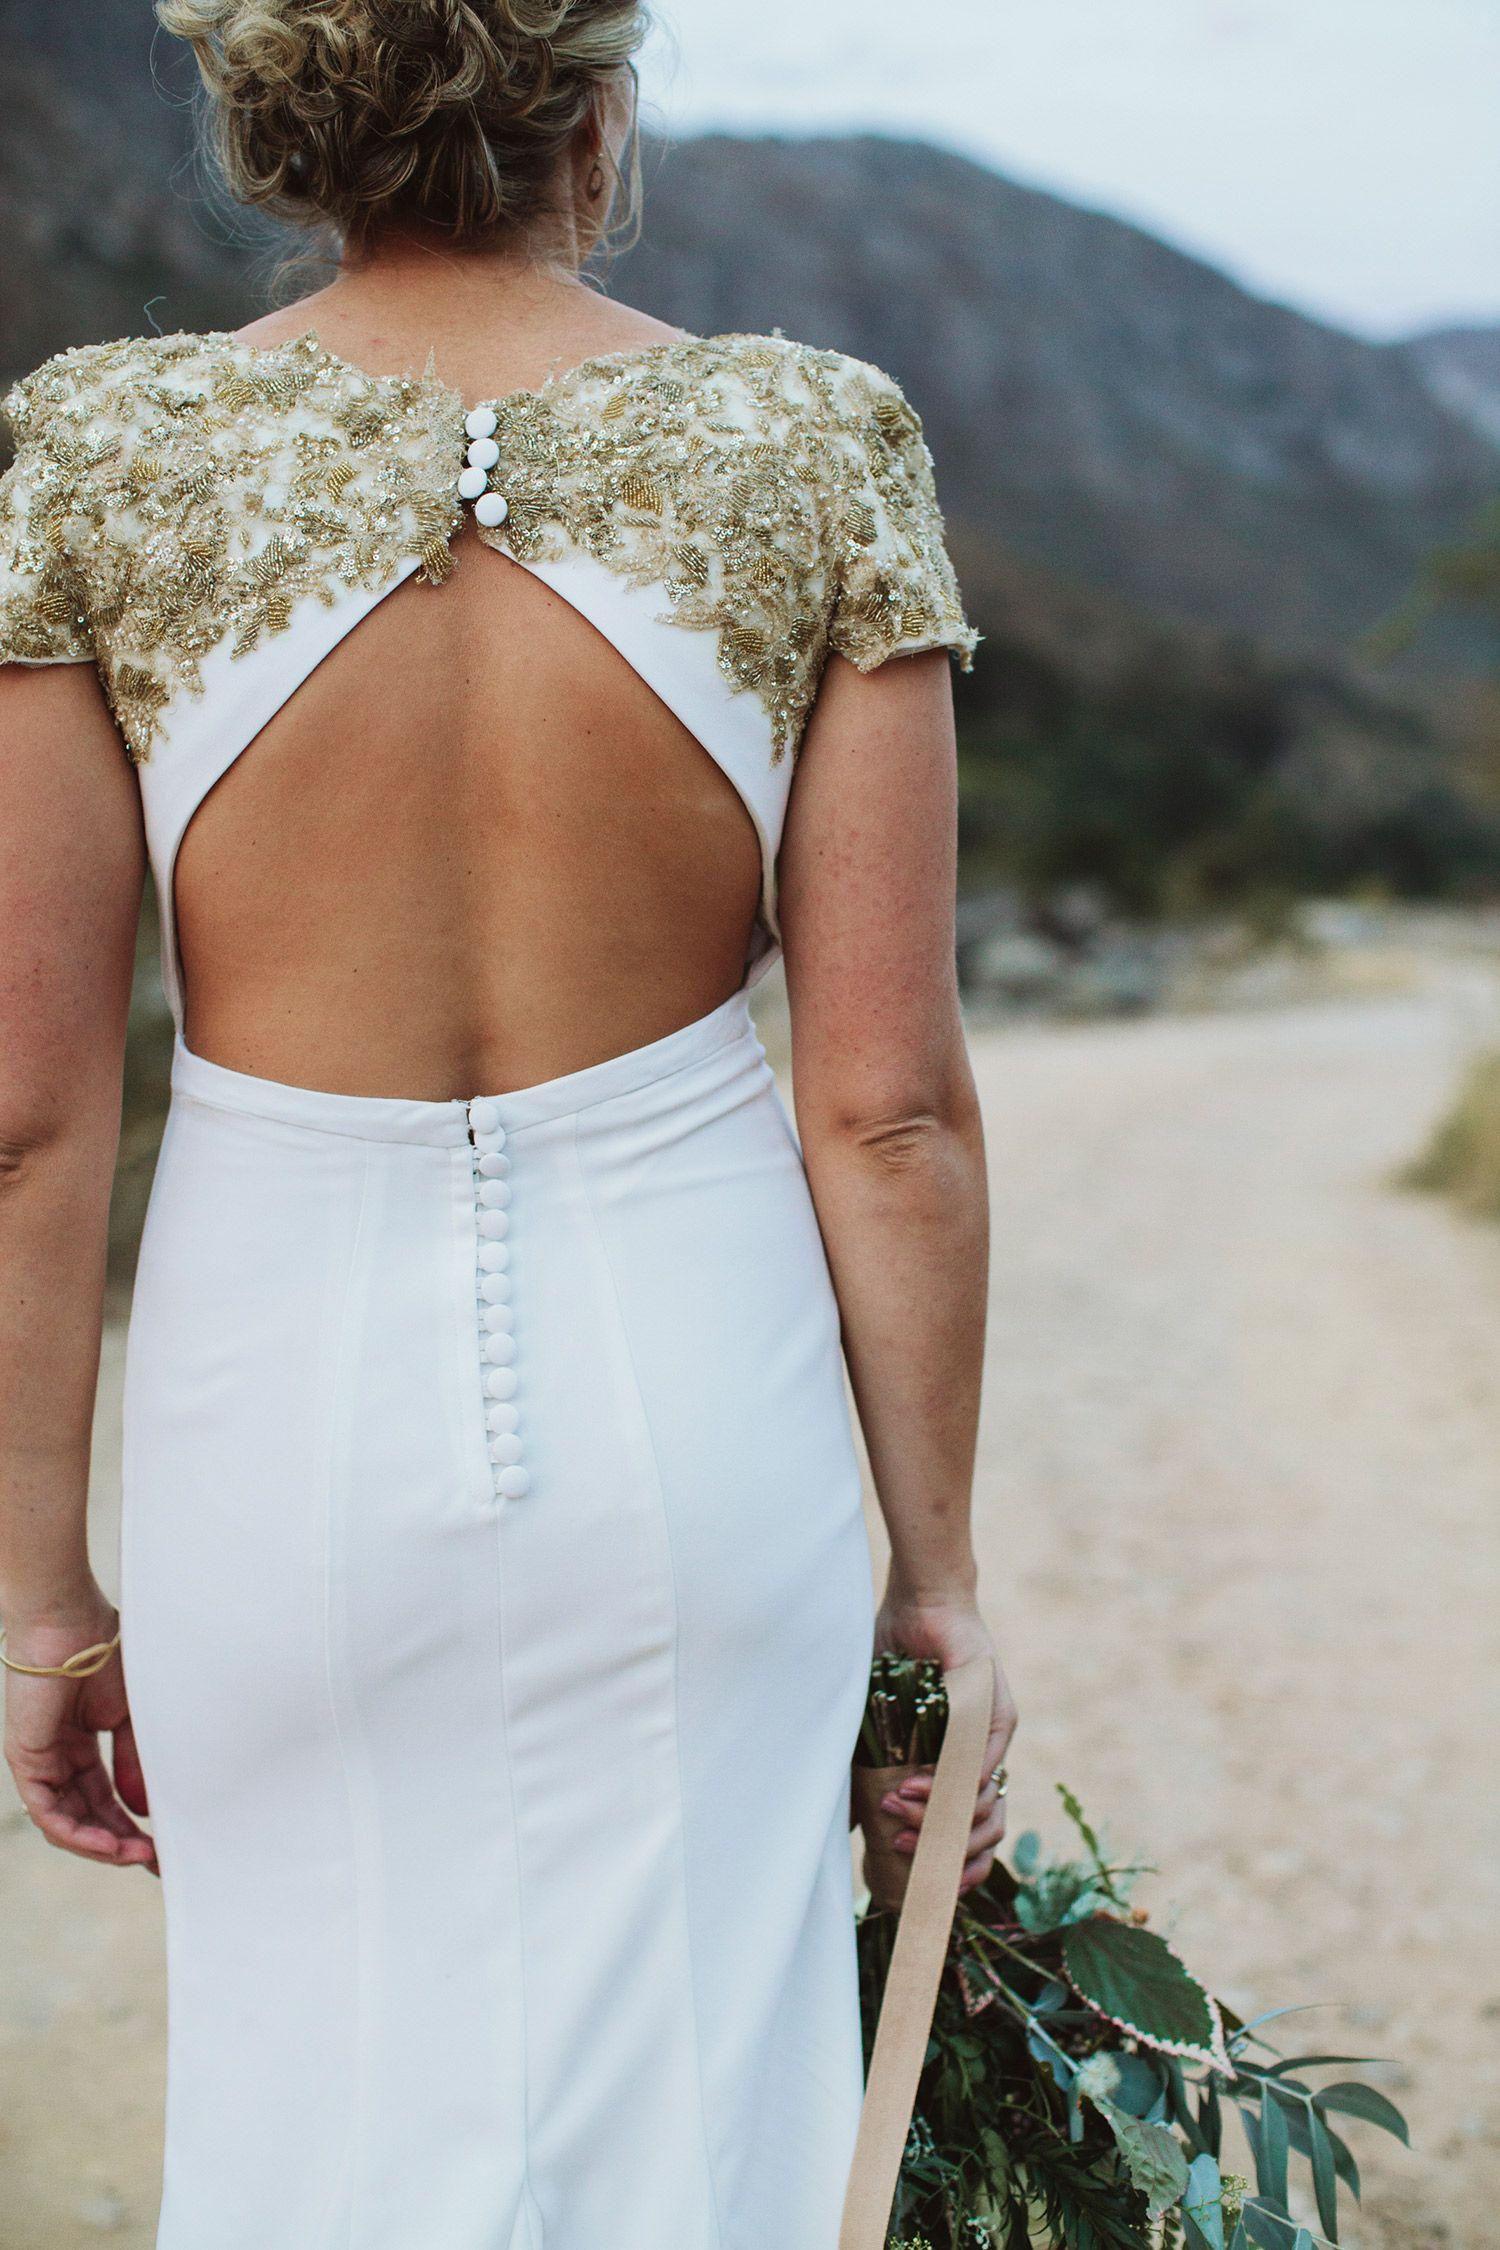 Lauren Dress By Janita Toerien Photo By Modern Hearts Www Janitatoerien Co Za 3 Lovely Wedding Dress Older Bride Wedding Dress Wedding Dress Inspiration [ 2250 x 1500 Pixel ]